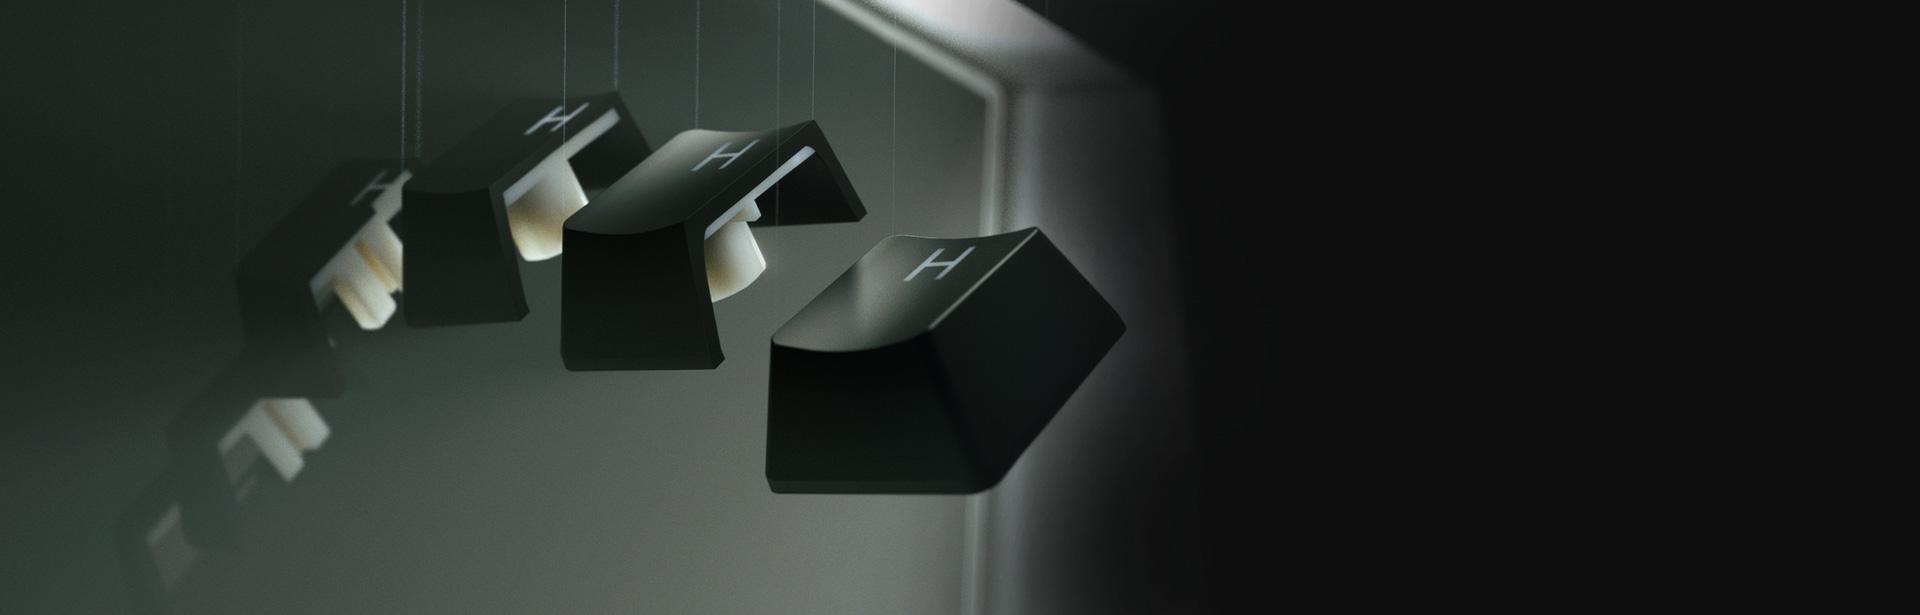 Bàn phím Razer Huntsman V2 Analog (USB/RGB/Đen)(RZ03-03610100-R3M1)  sử dụng bộ keycap pbt doubleshot bền bỉ